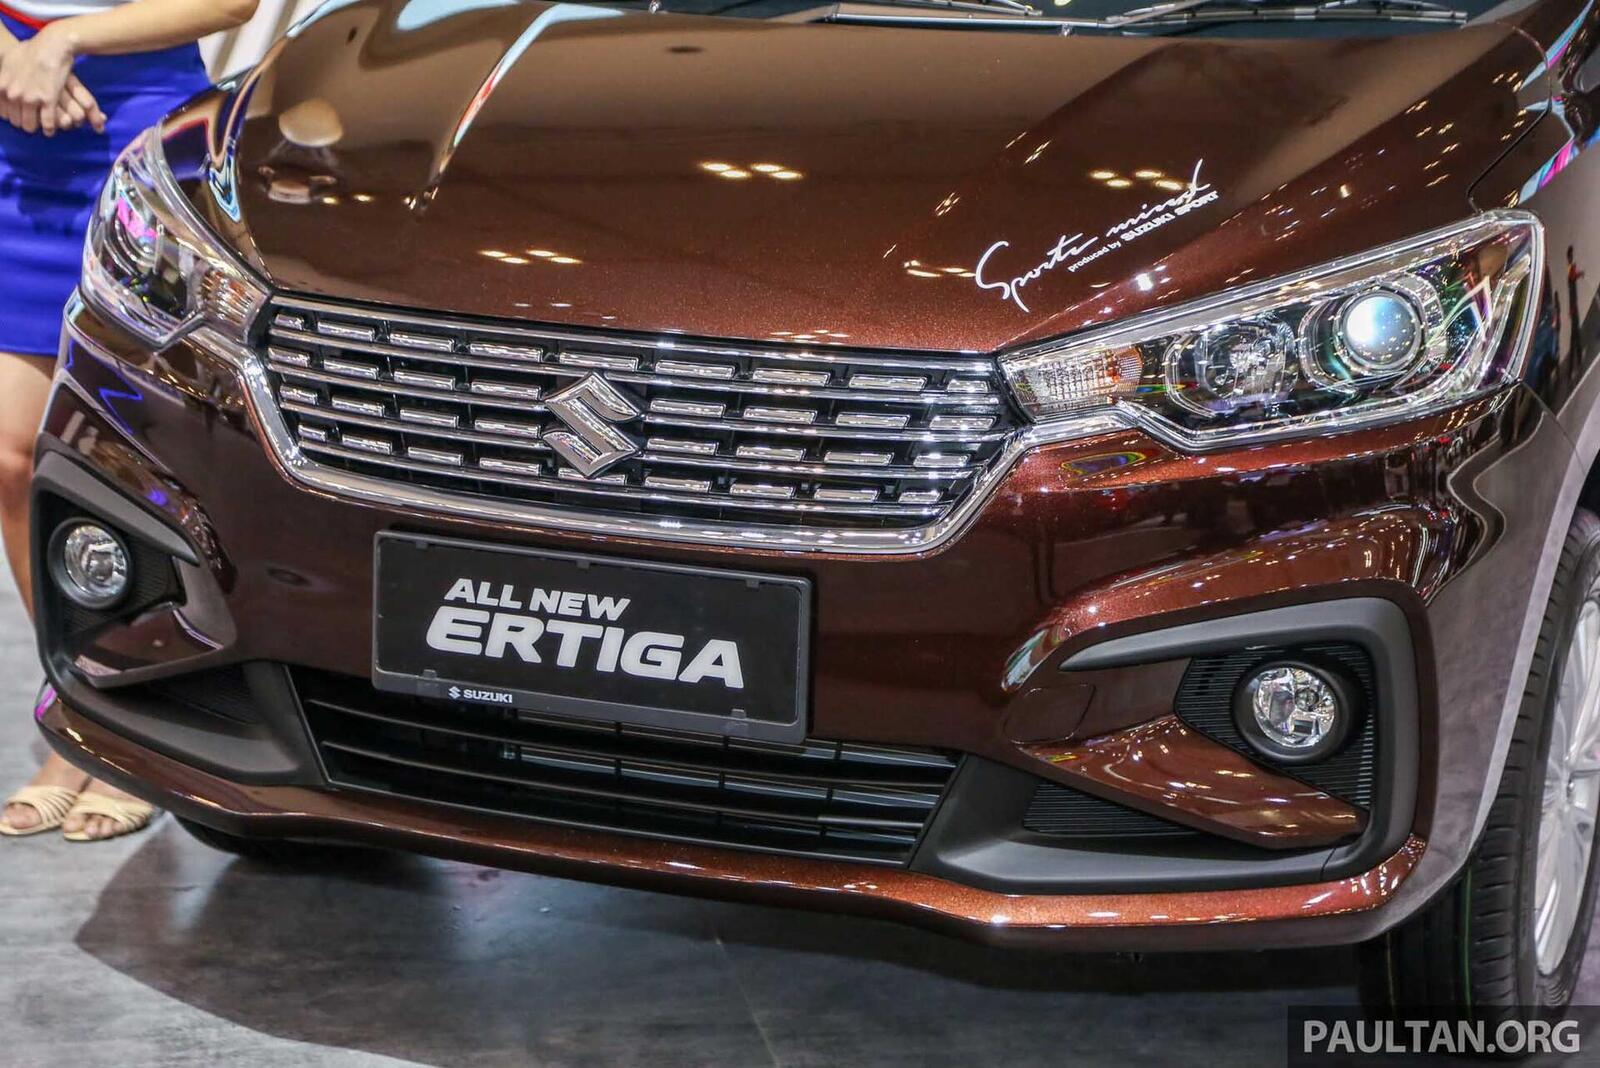 Suzuki Ertiga thế hệ mới có giá từ 486 triệu đồng tại Thái Lan; chưa hẹn ngày về Việt Nam - Hình 18